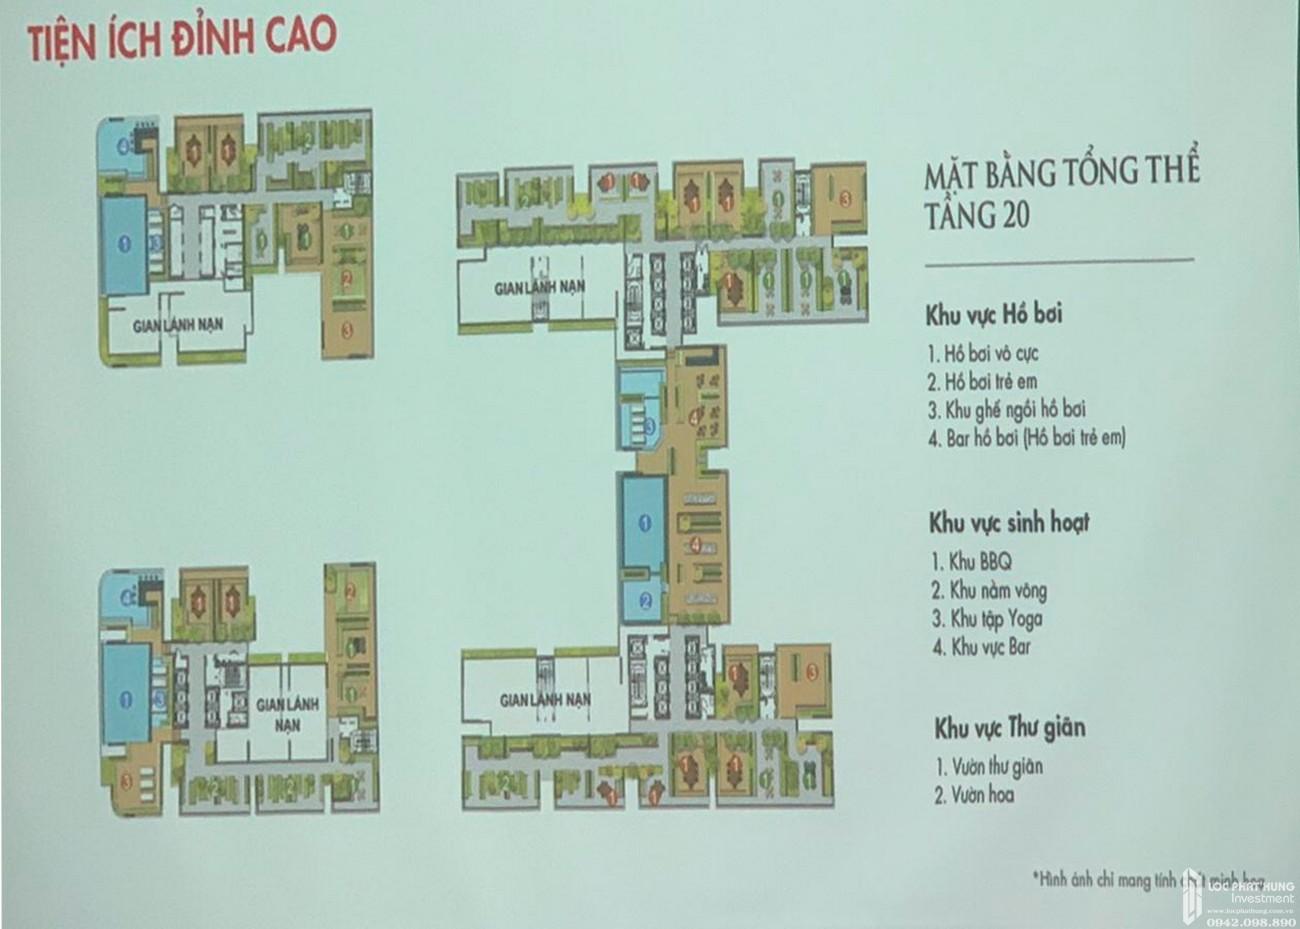 Tiện ích đẳng cấp tầng 20 dự án TTTM và căn hộ cao cấp Astral City Bình Dương